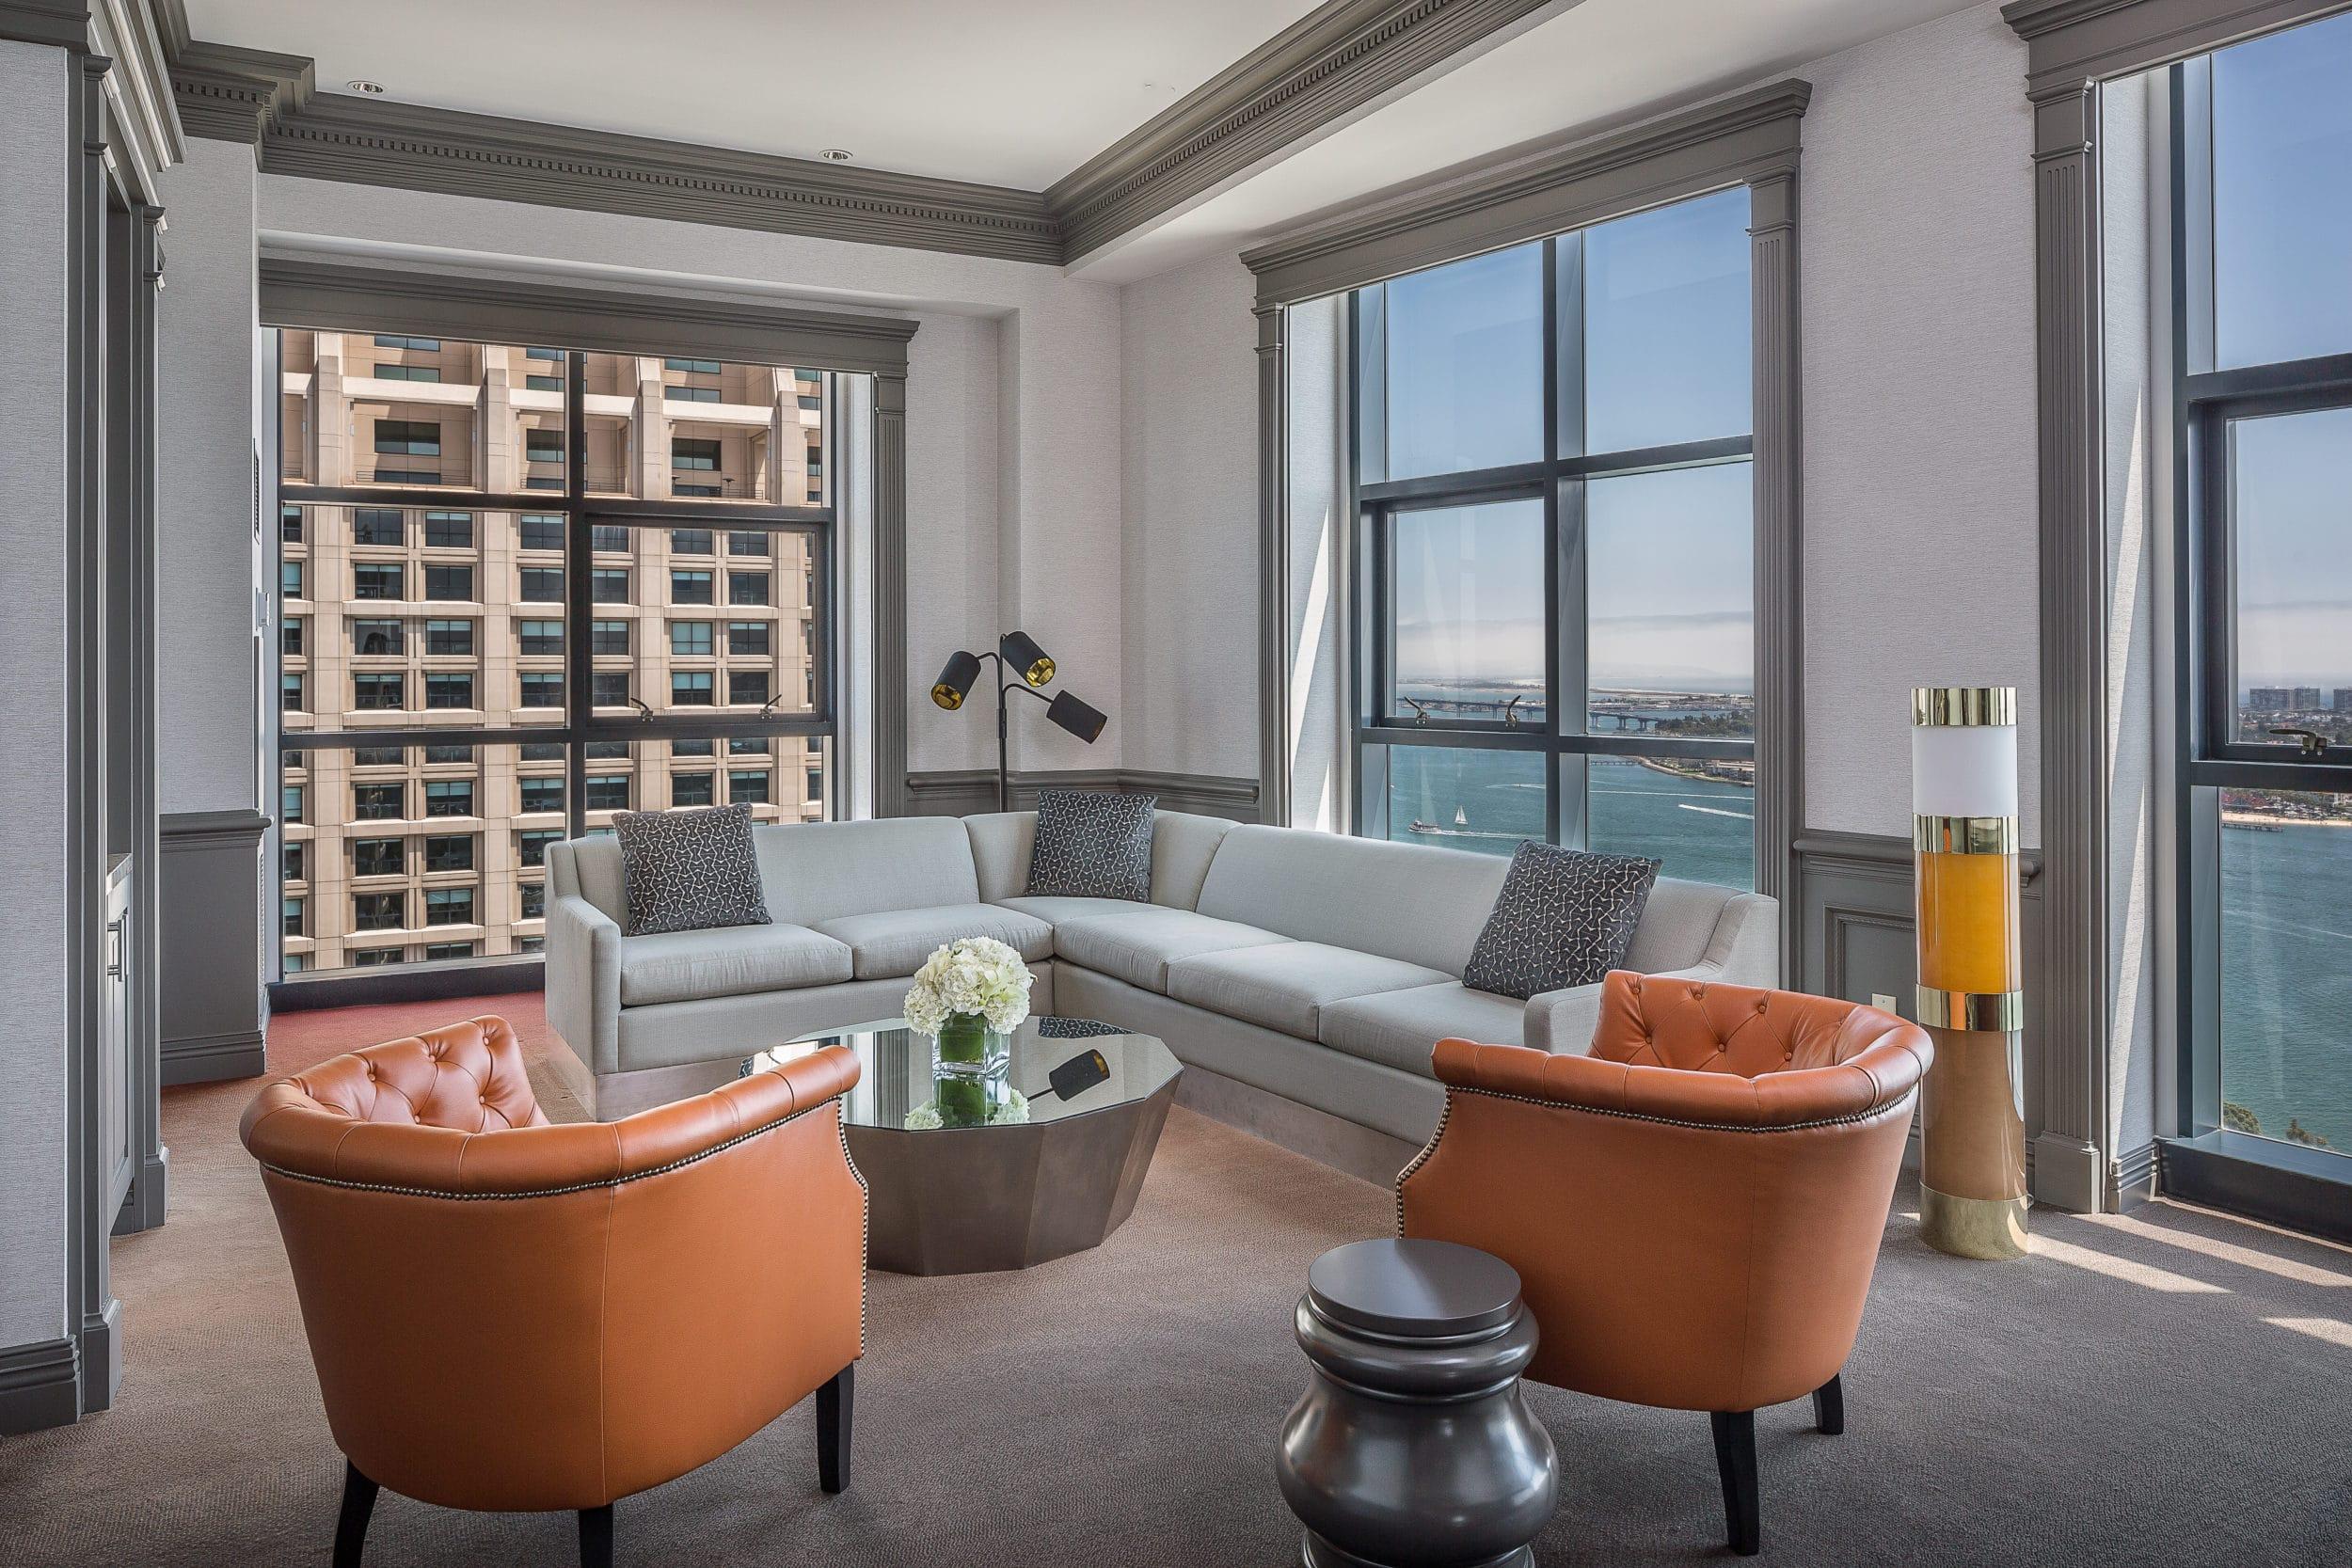 Presidential Suite Manchester Grand Hyatt San Diego